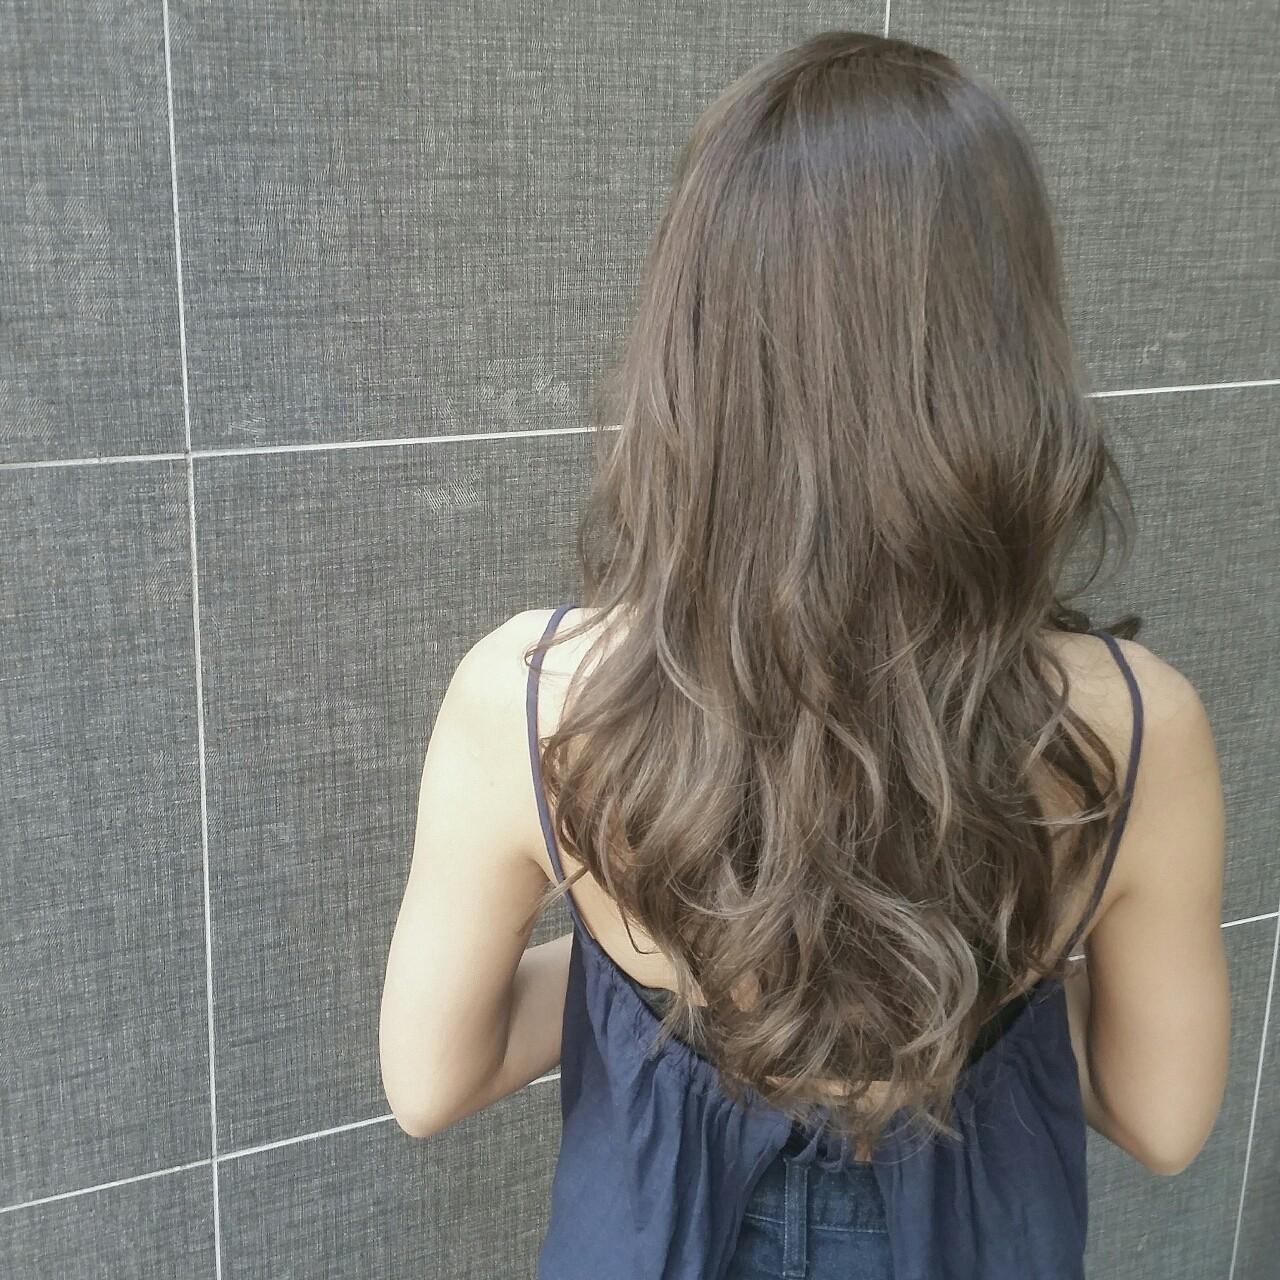 ヘアアイロンでの巻き方間違ってない?適正温度できれいな巻き髪に。の9枚目の画像